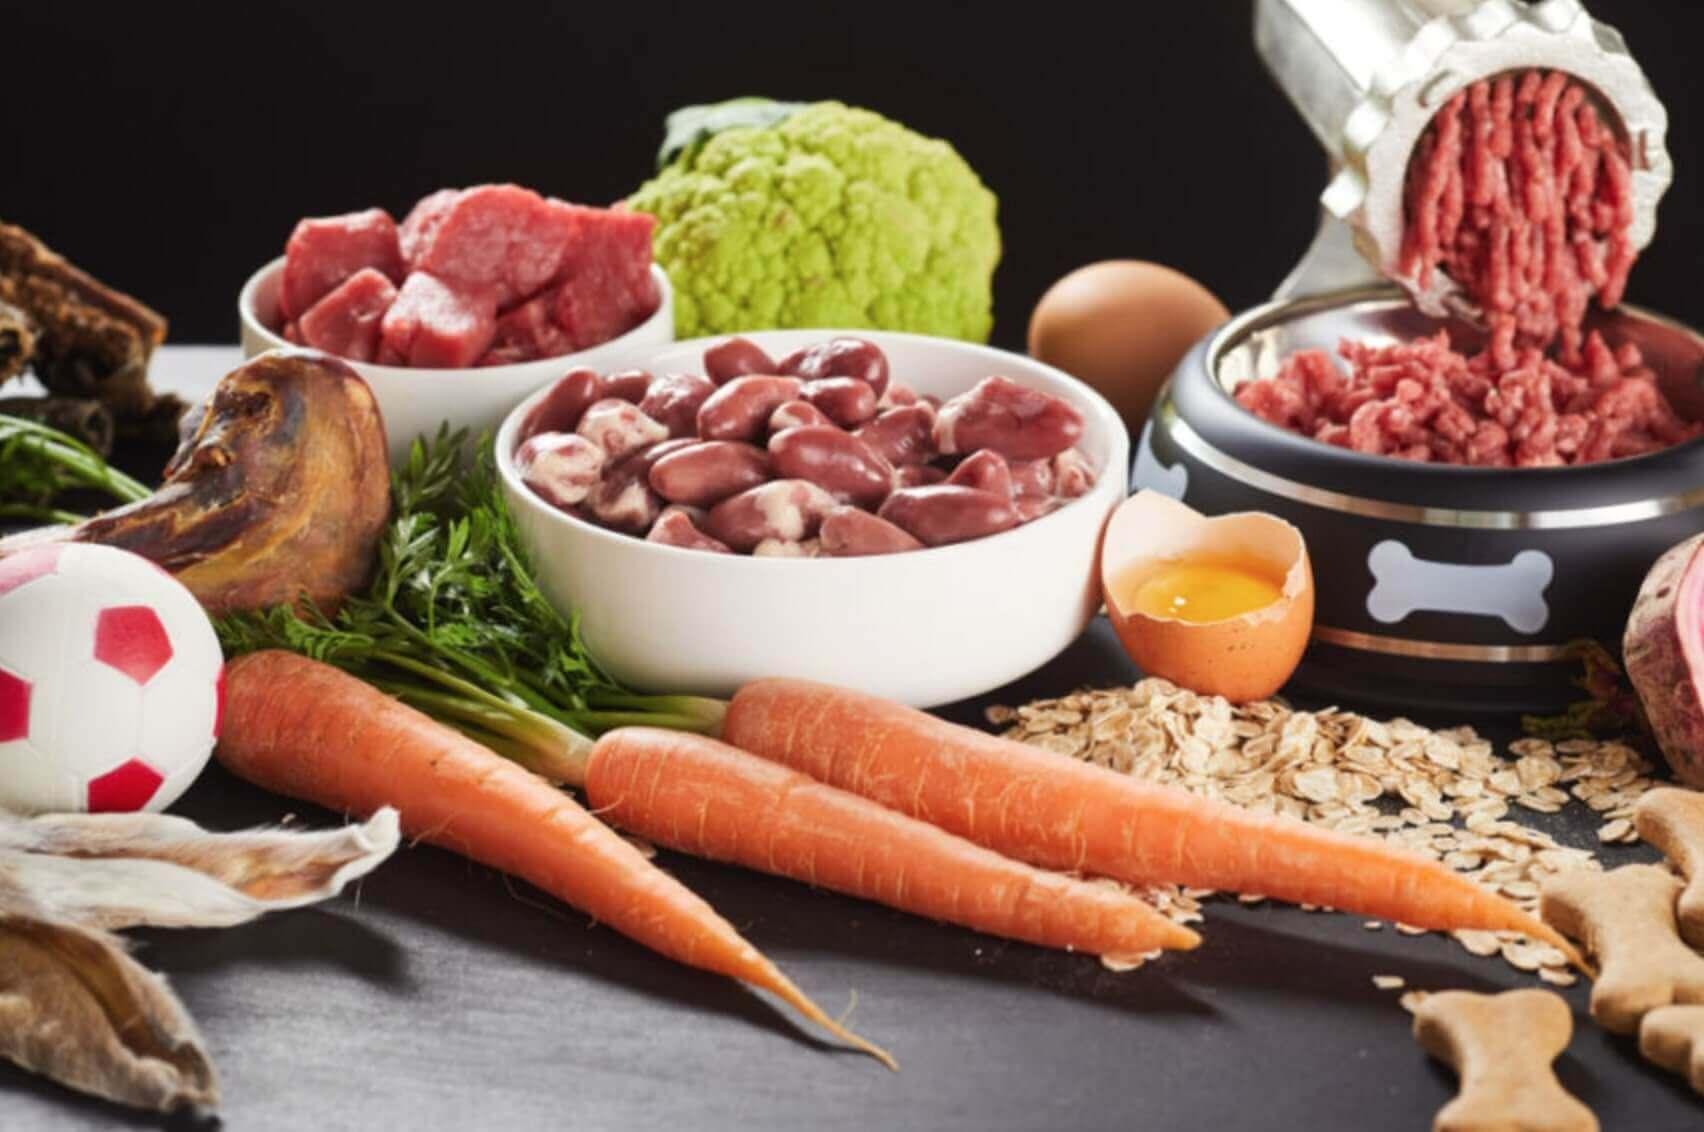 Alimentazione e dieta BARF per cani - Nutrizione del cane a base di carne cruda, ossa carnose, pesce crudo, organi, viscere, frutta e verdura 4